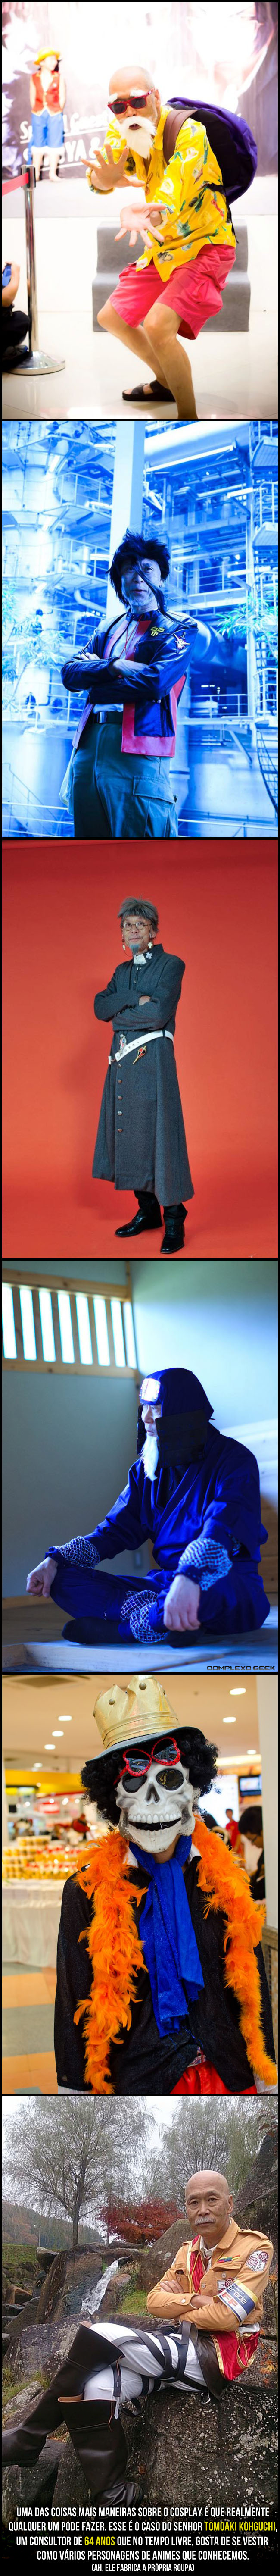 5 idade cosplay